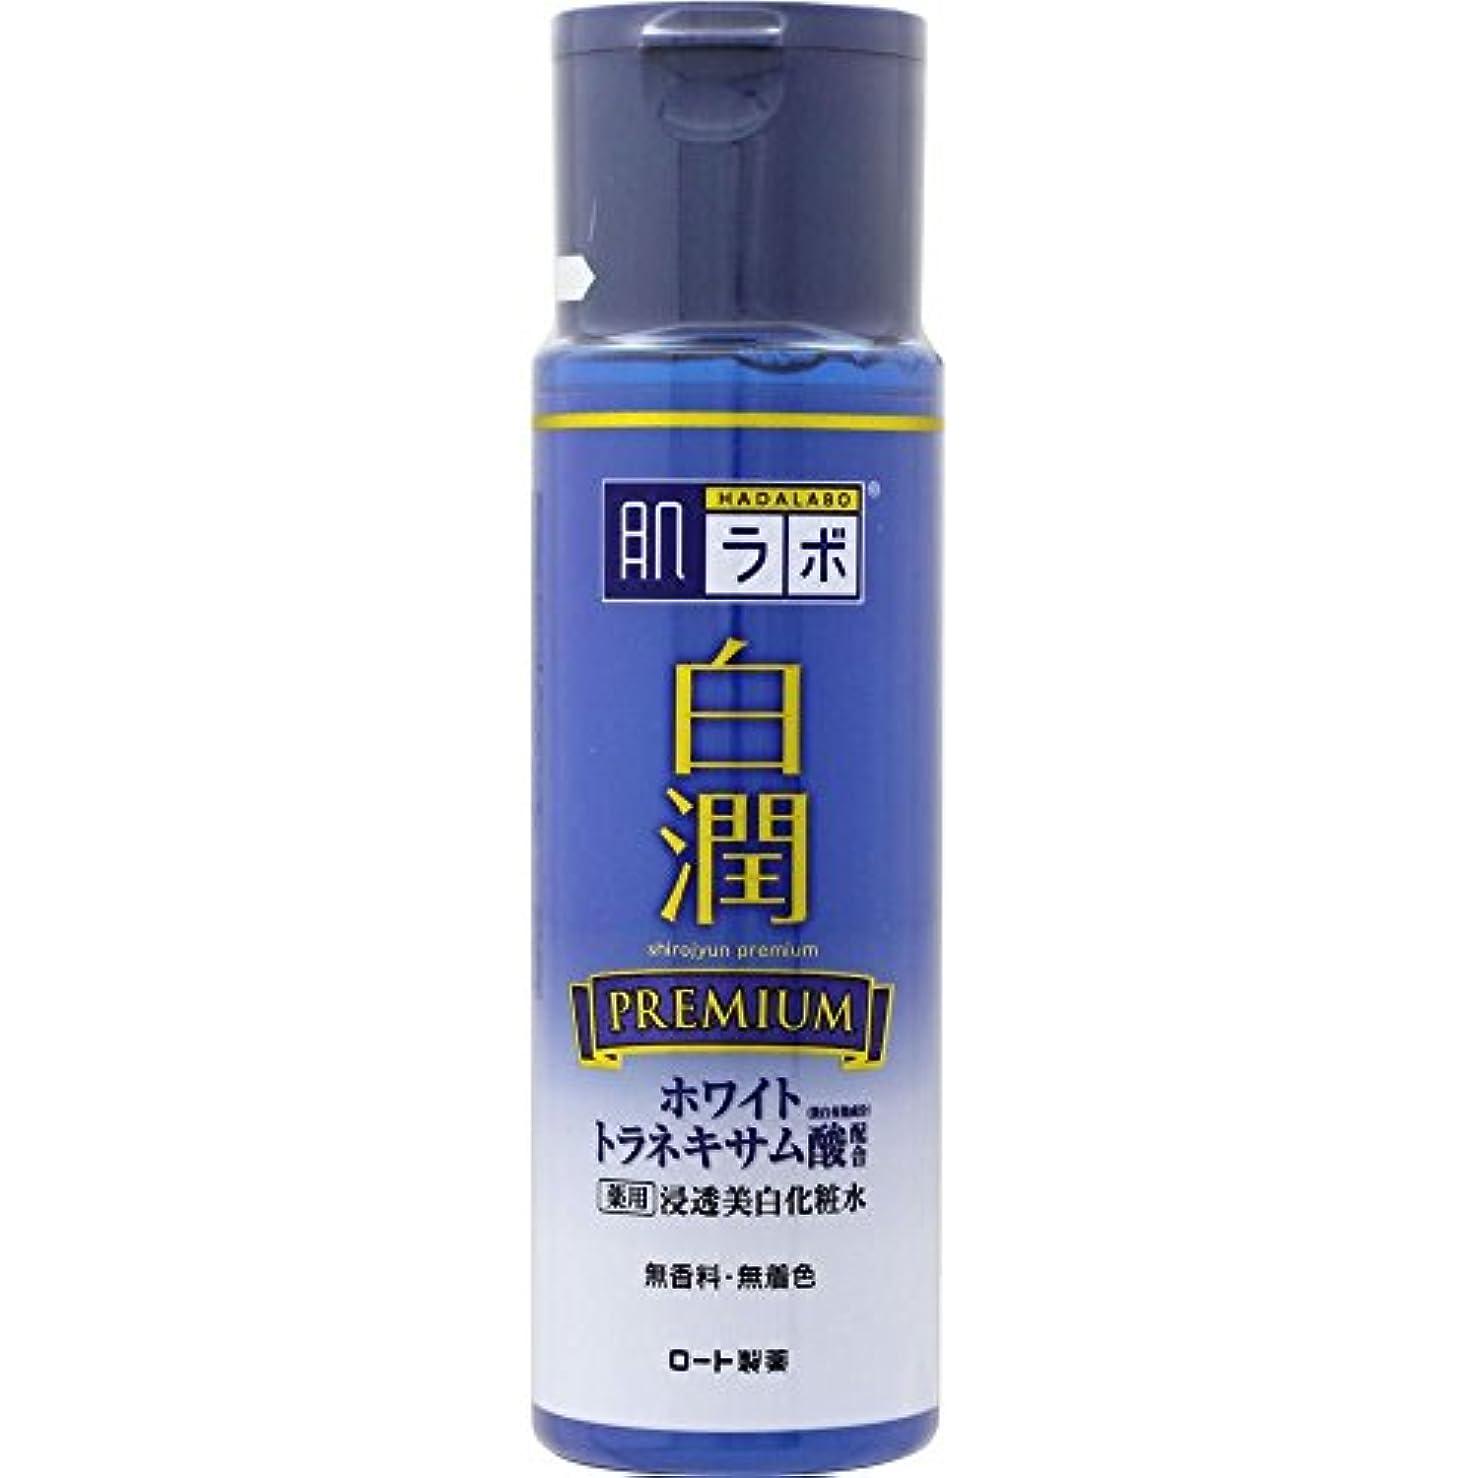 川ギャングスタービジネス肌ラボ 白潤プレミアム 薬用浸透美白化粧水 170mL (医薬部外品)